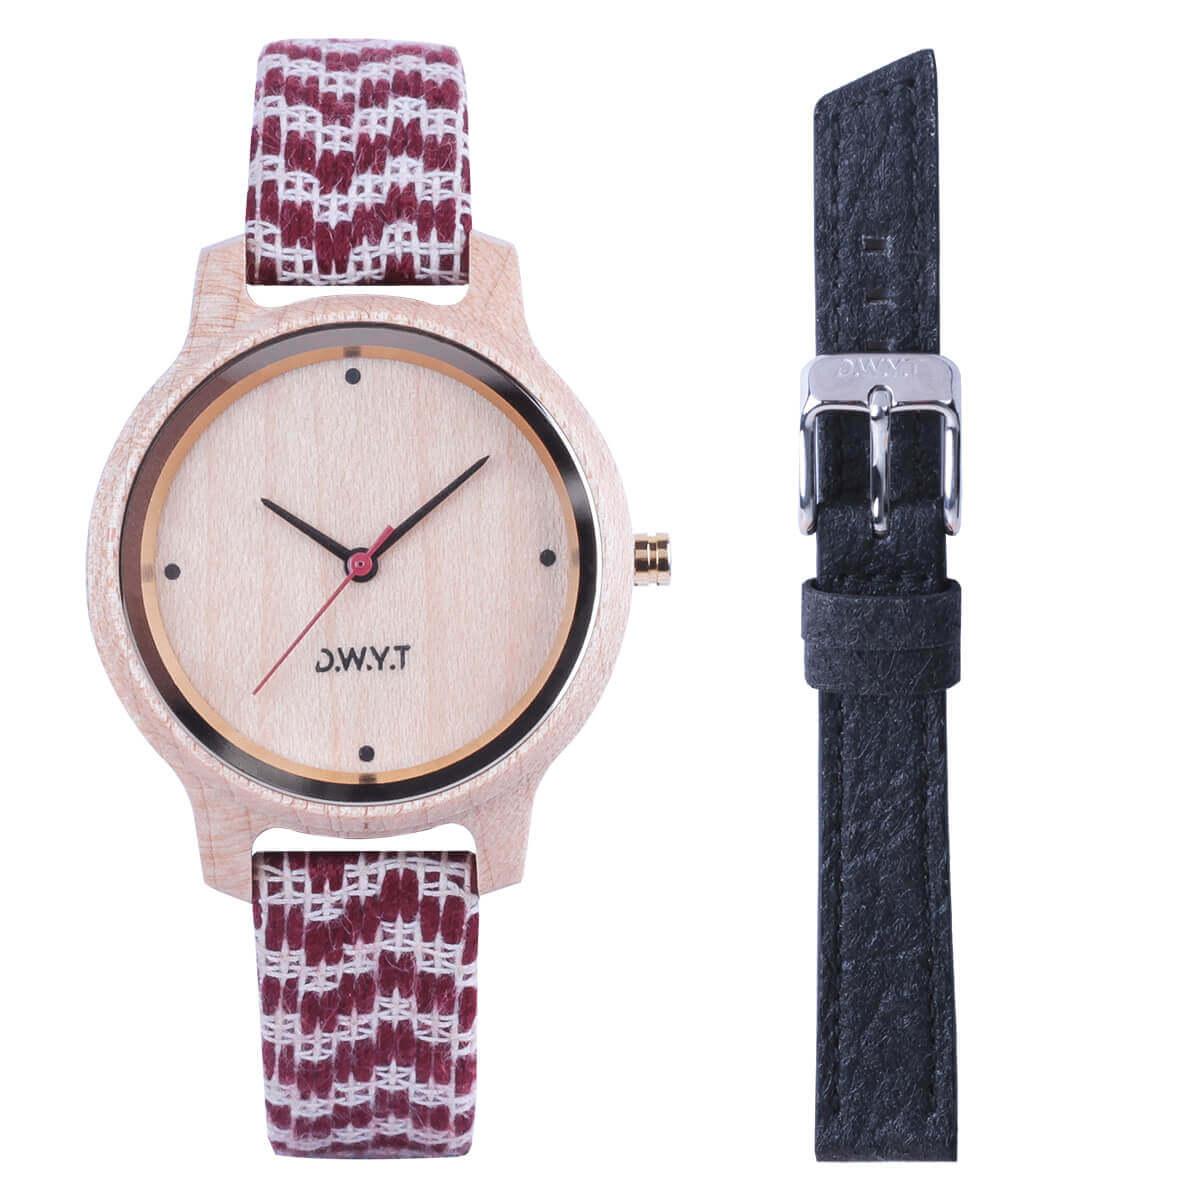 D.W.Y.T Watch